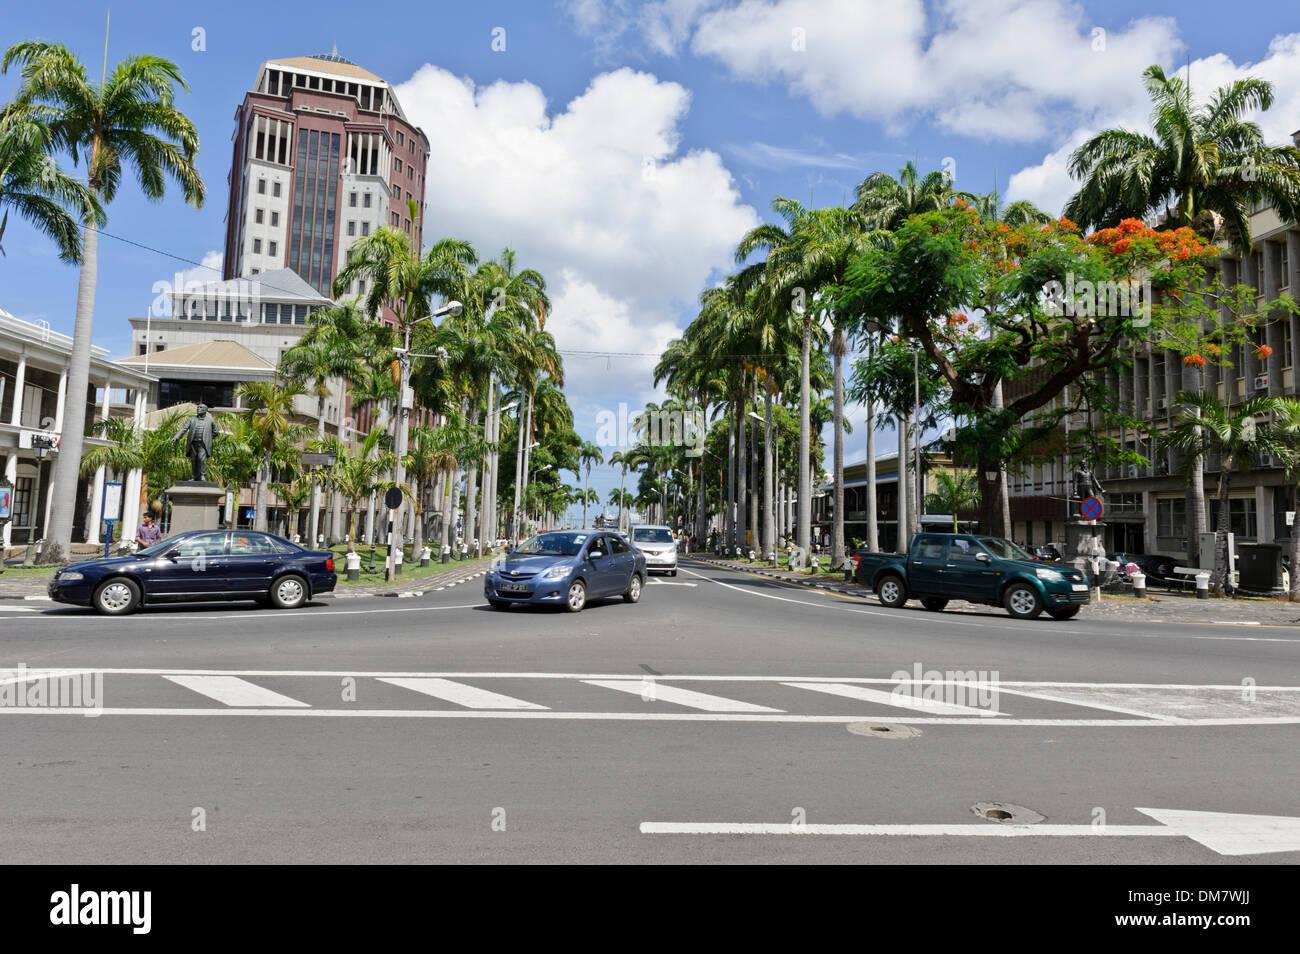 Typische Verkehr auf der Place d ' Armes, eines Port Louis beschäftigt Straßen, Port Louis, Mauritius. Stockbild